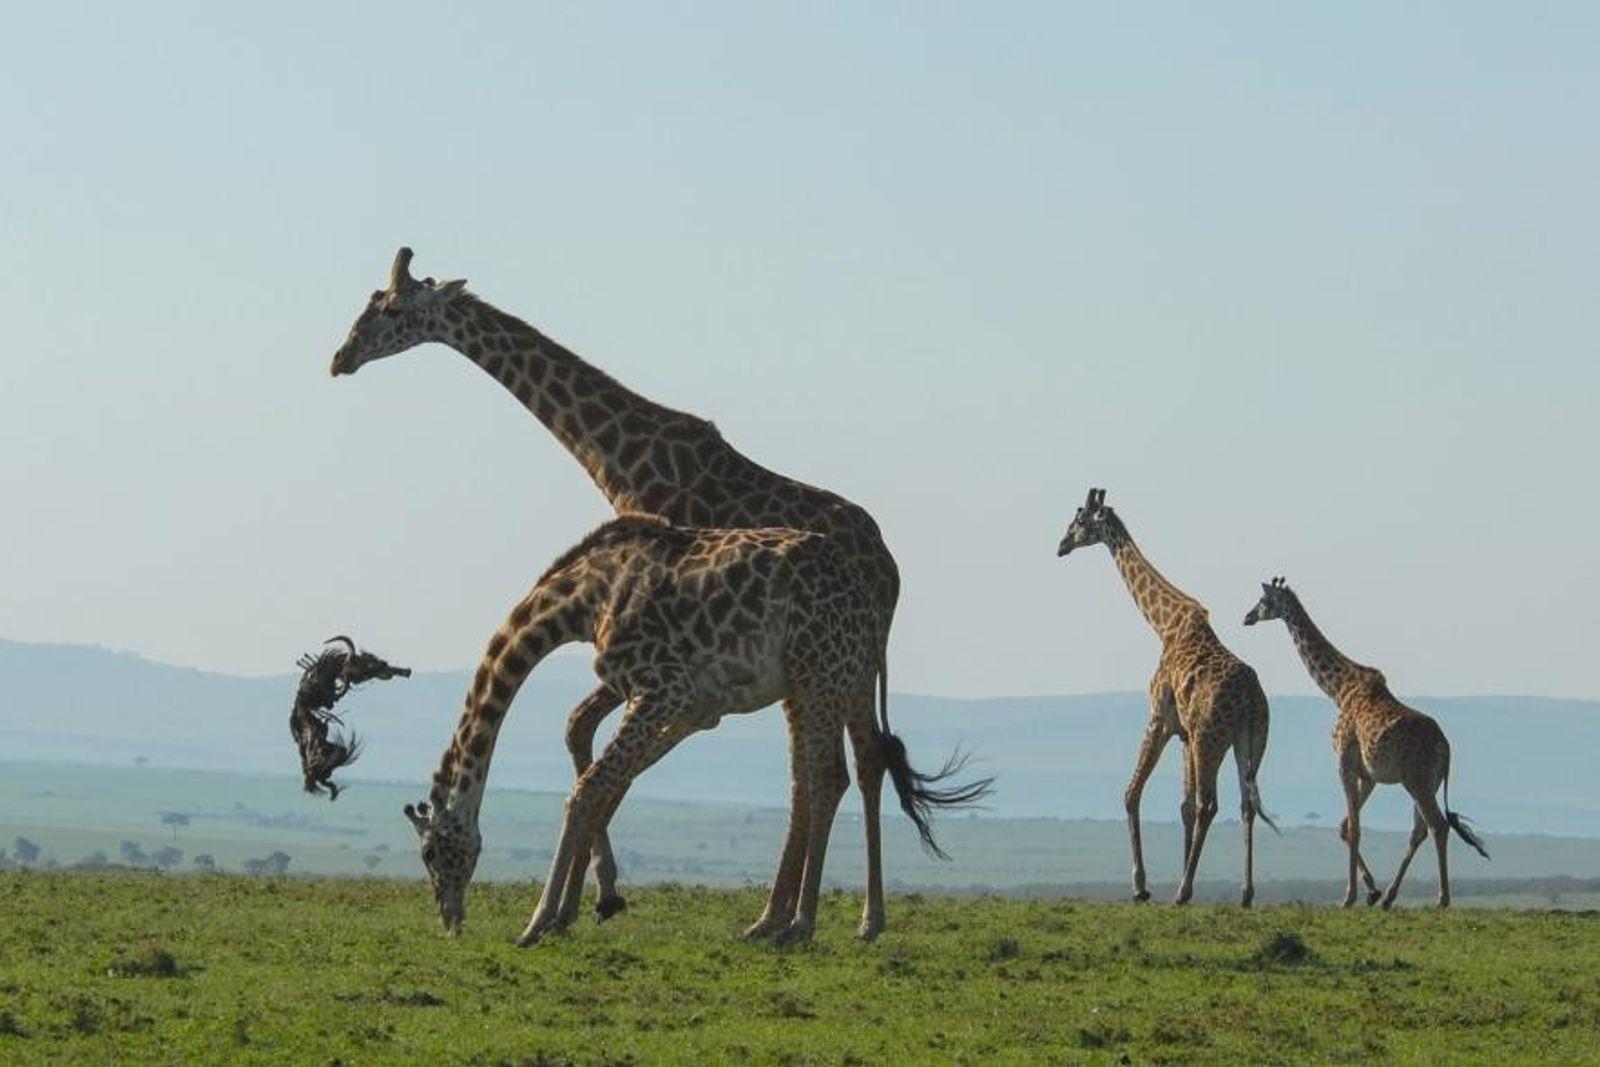 Una jirafa macho